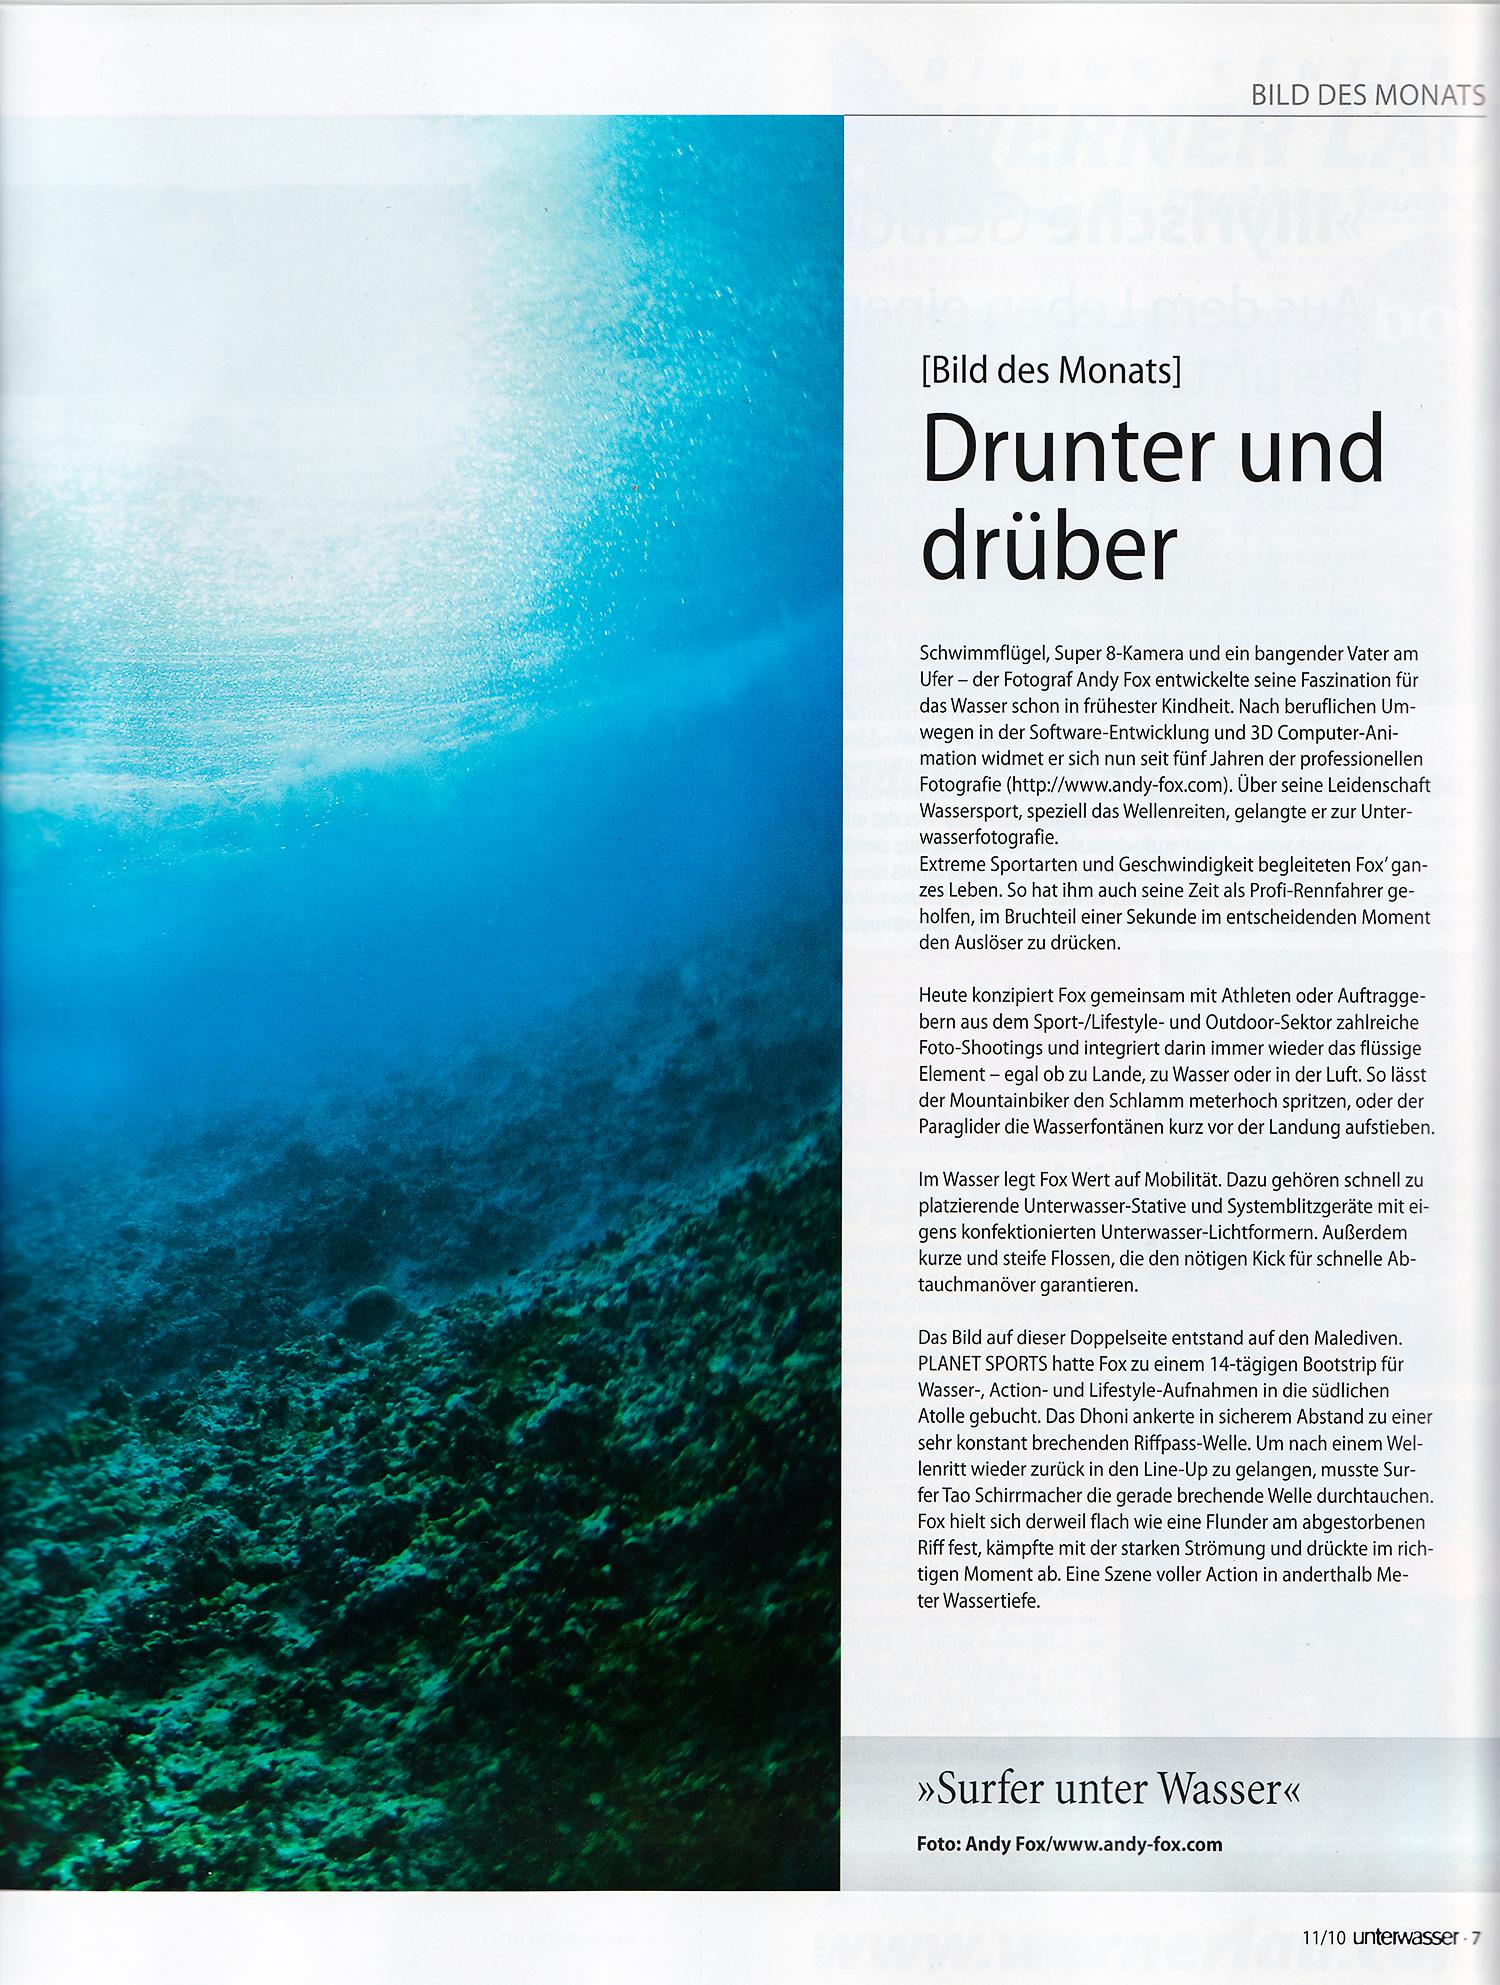 2010-10_Unterwasser-Inhalt02_A4-300dpi.jpg